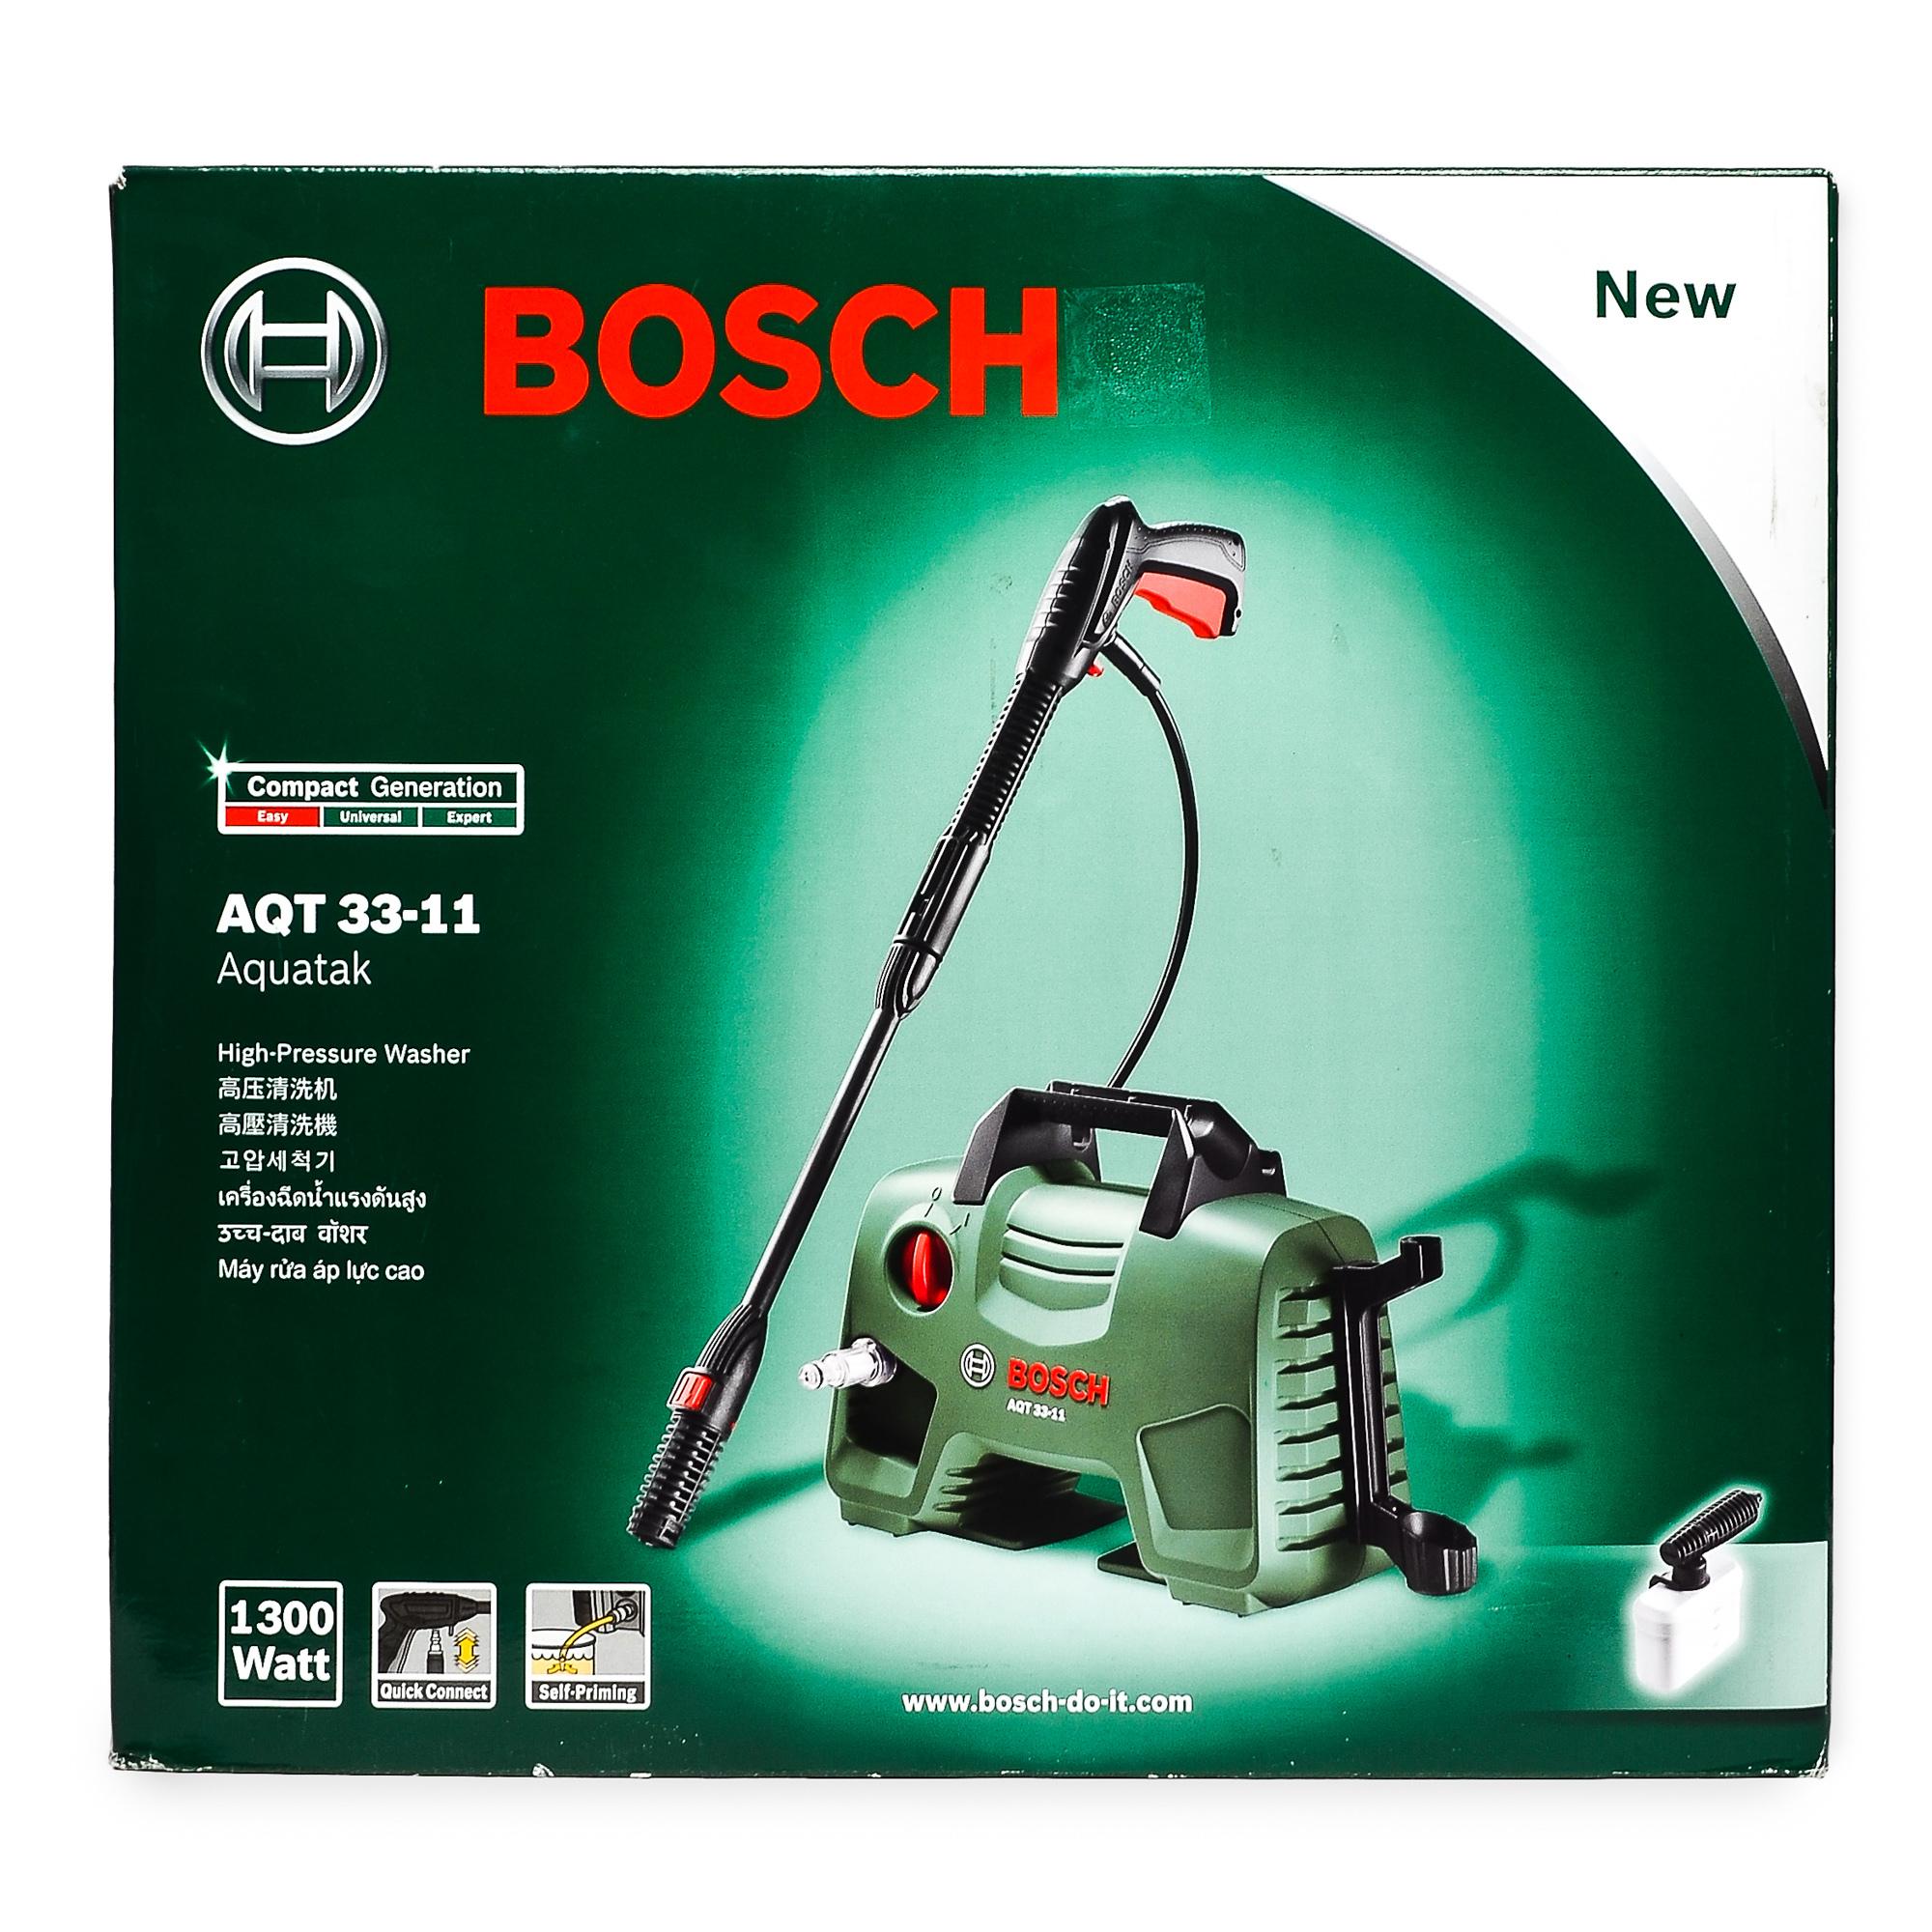 Philippines Bosch 33 11 Aquatak Pressure Washer Find Best Deals High Aqt33